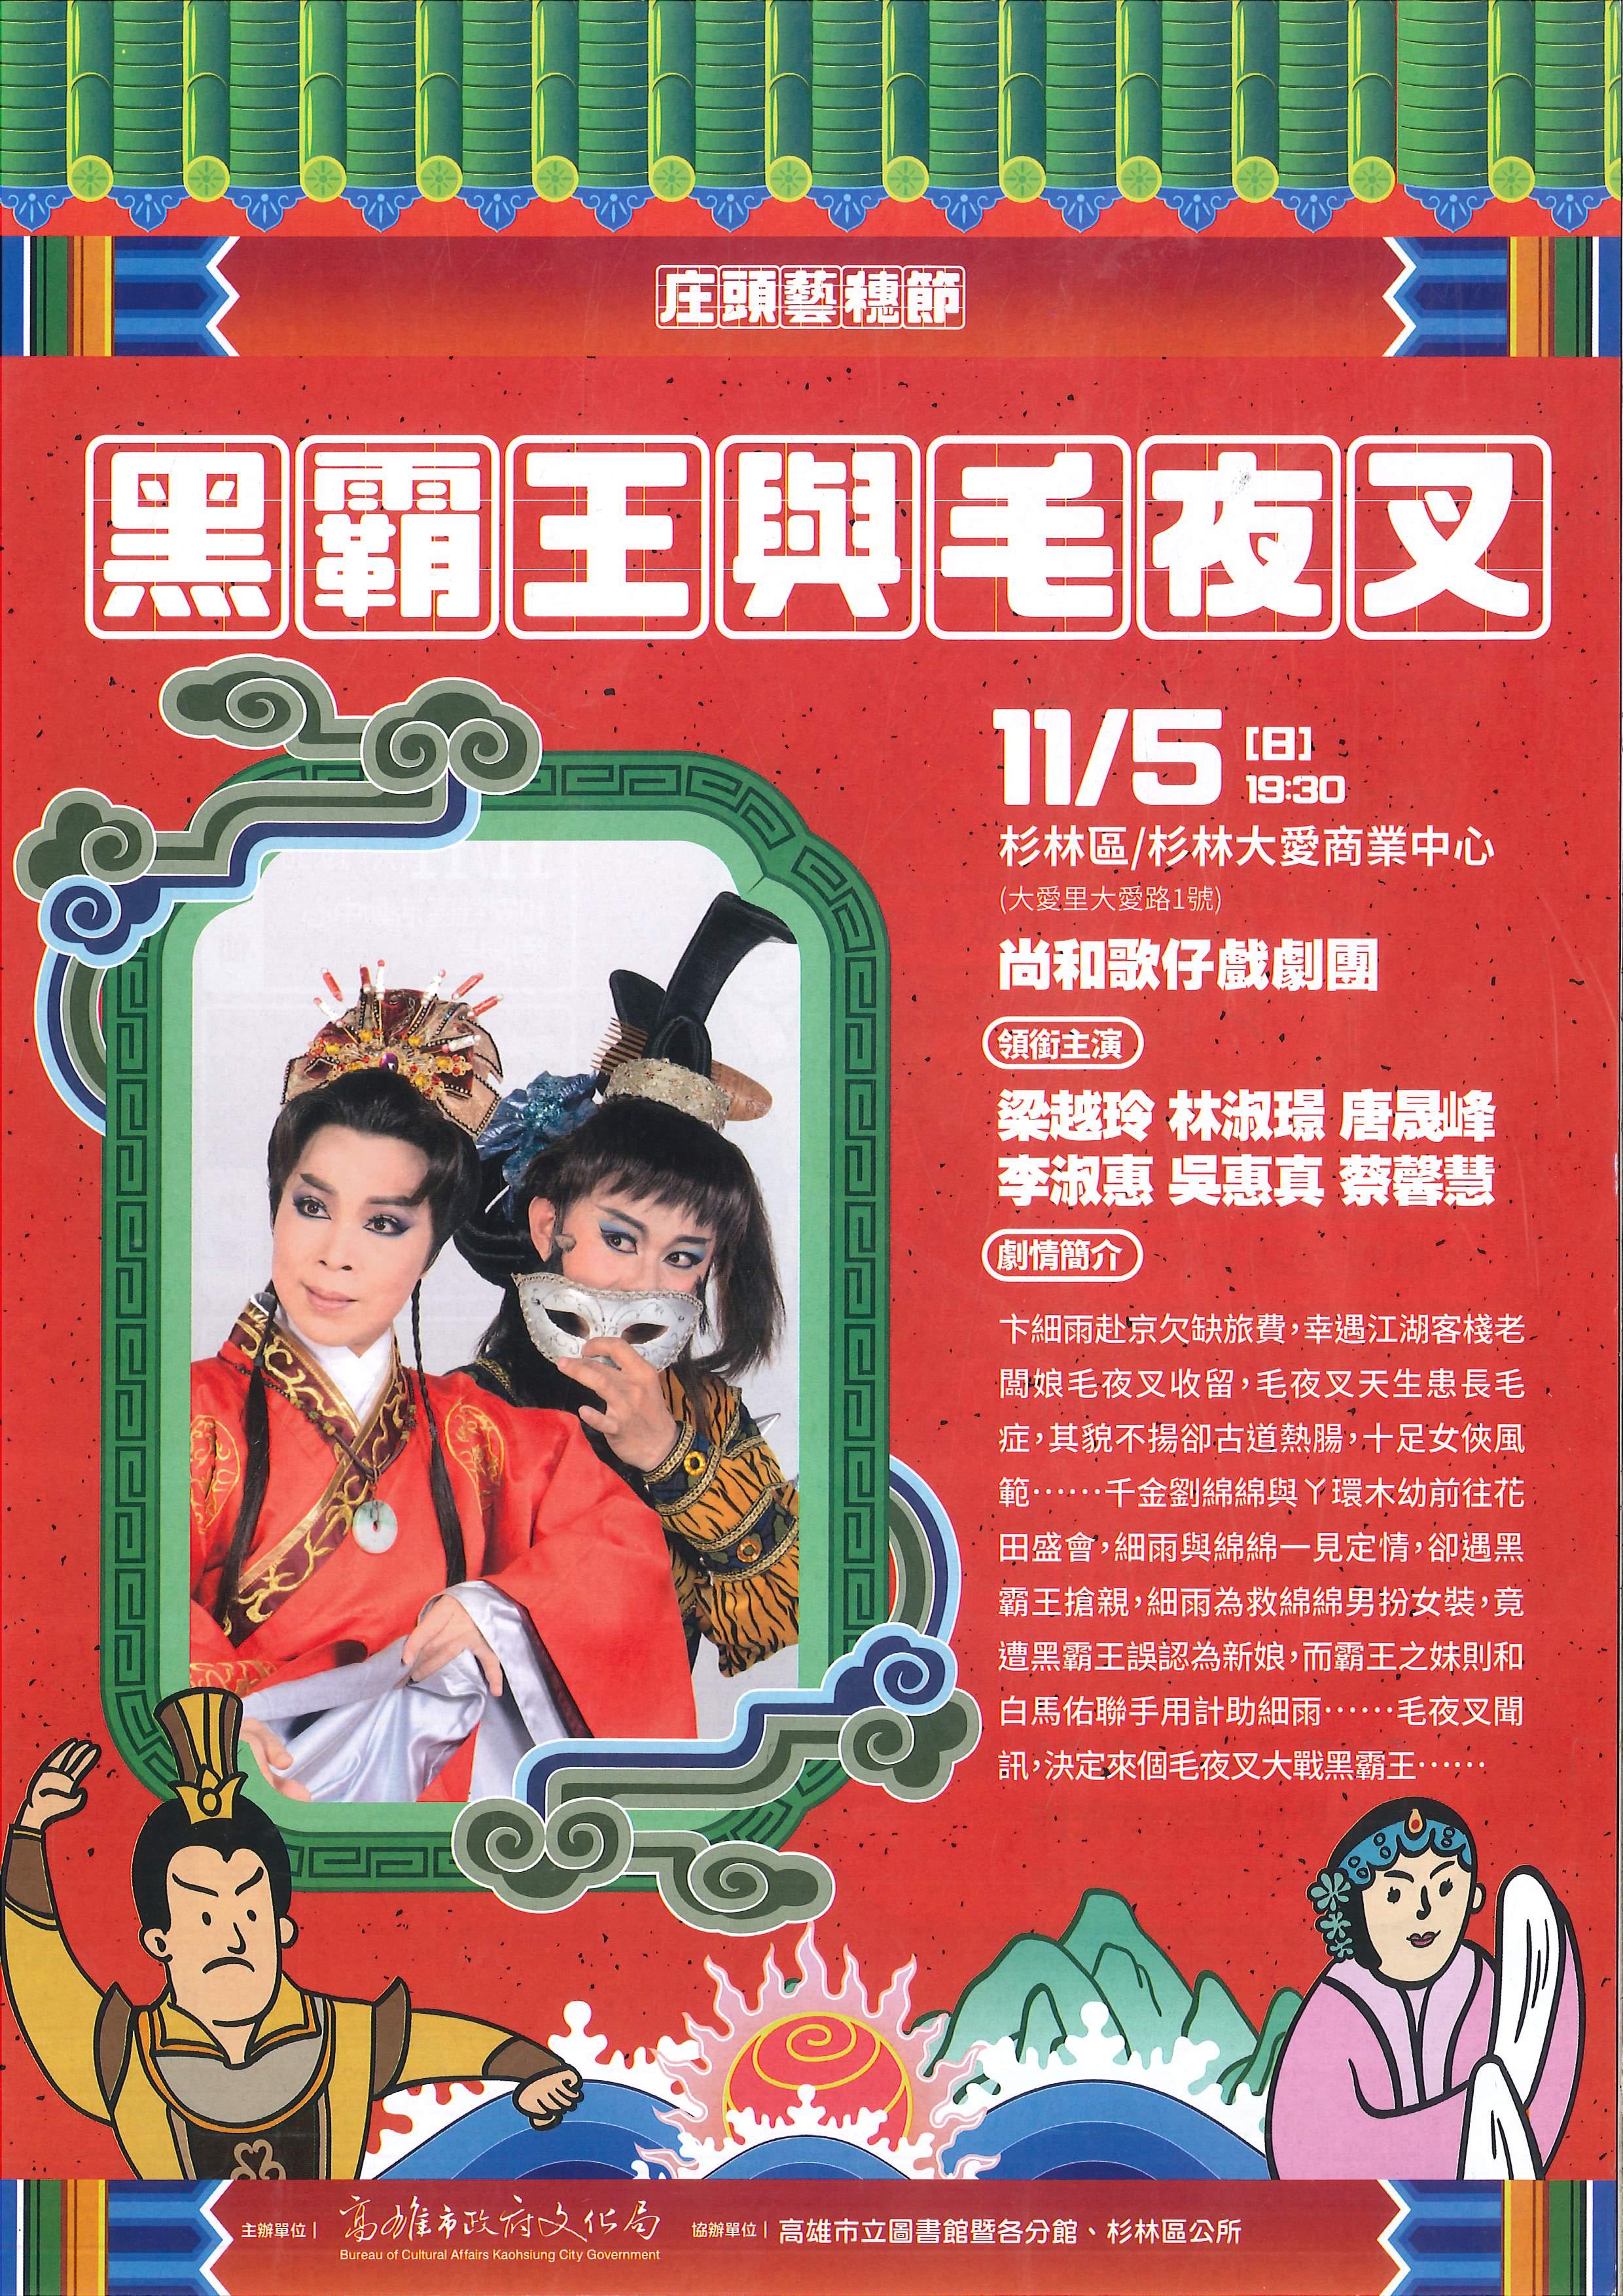 2016庄頭藝穗節─庄頭歌仔戲巡演活動《黑霸王與毛夜叉》,歡迎踴躍參加!